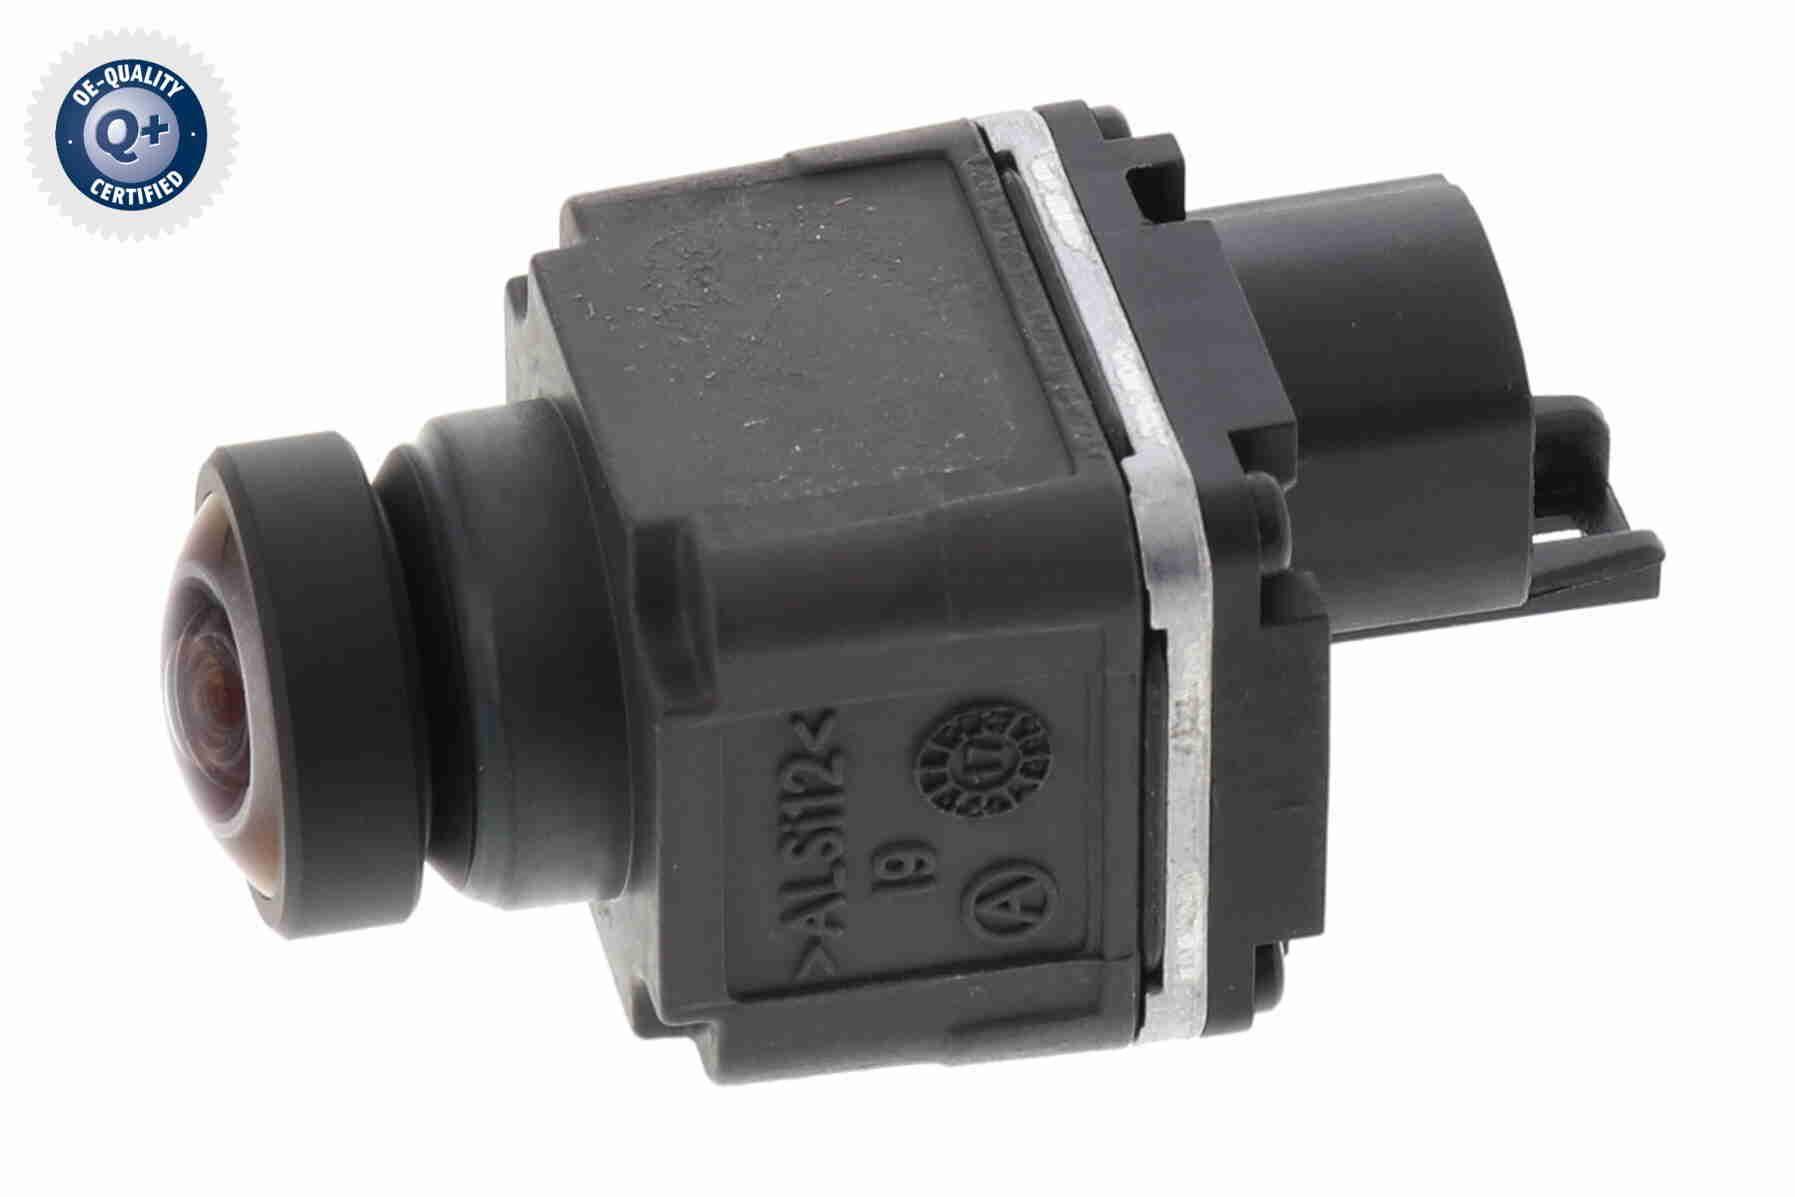 V15-74-0047 Telecamera posteriore bilaterale del marchio VEMO a prezzi ridotti: li acquisti adesso!